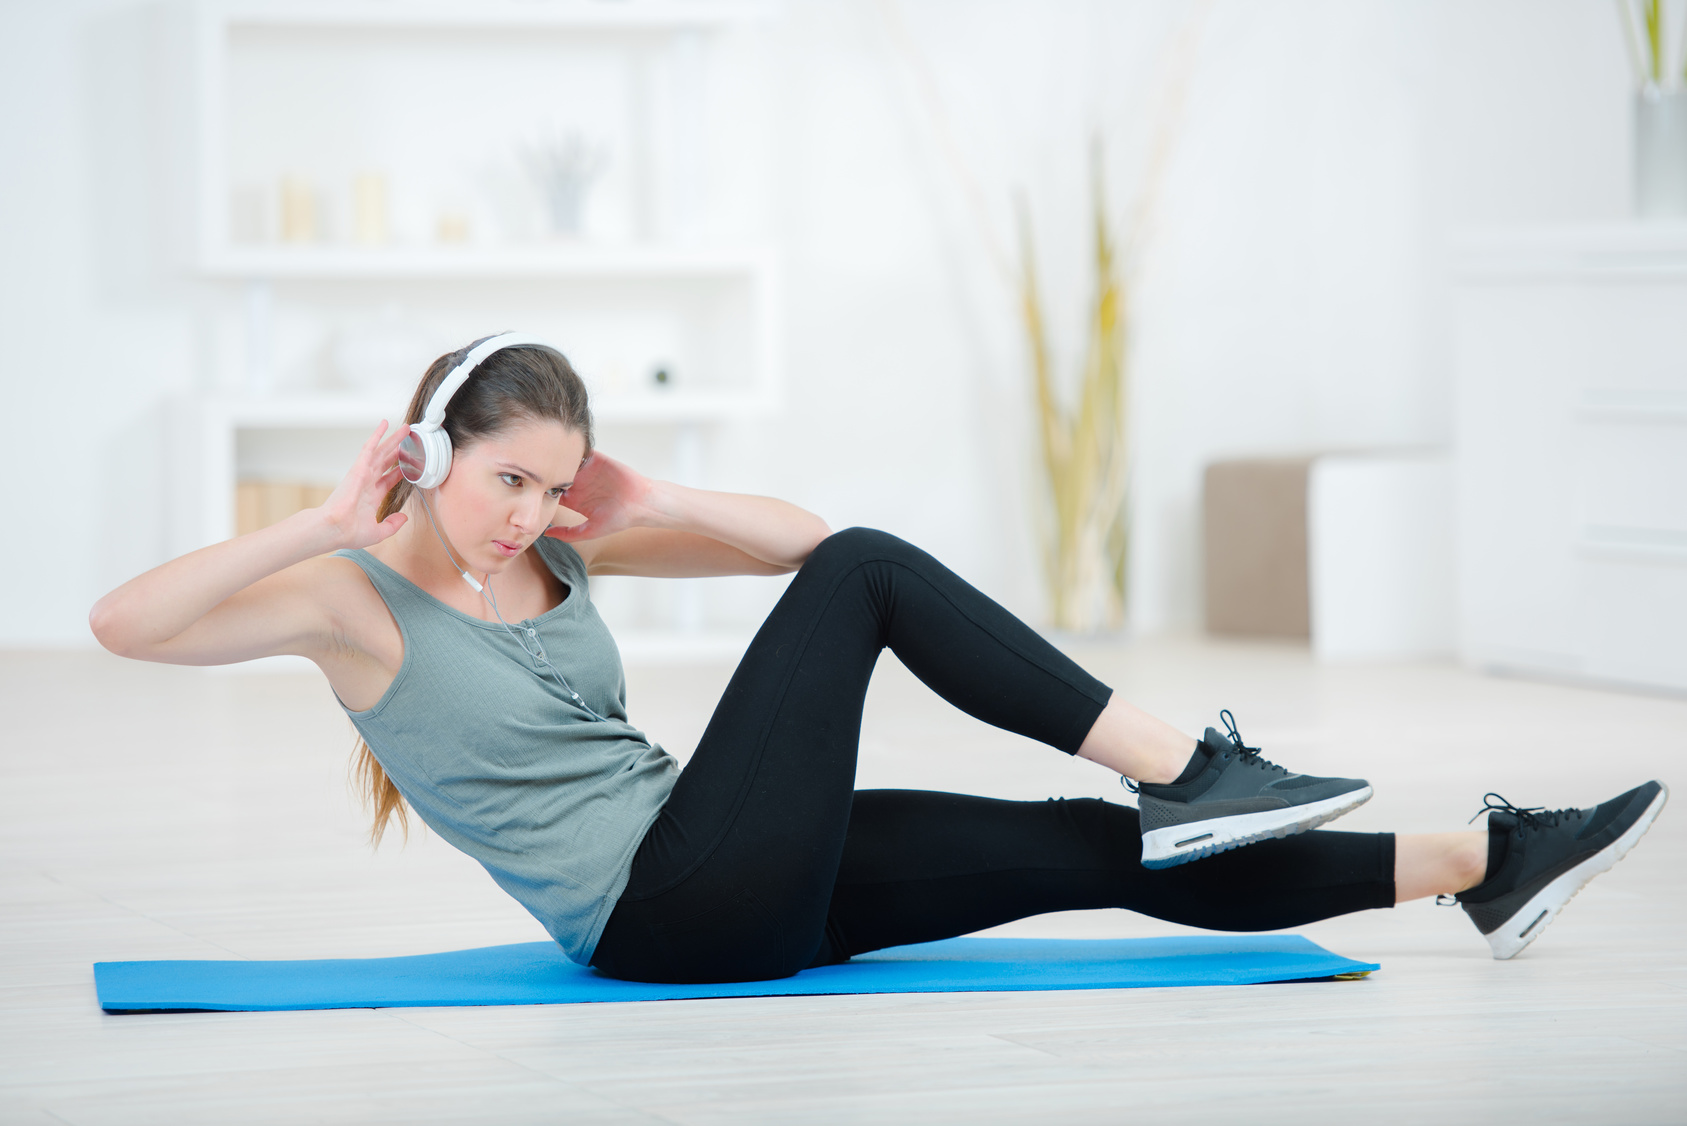 Les meilleurs exercices pour perdre du poids à la maison, sans outils